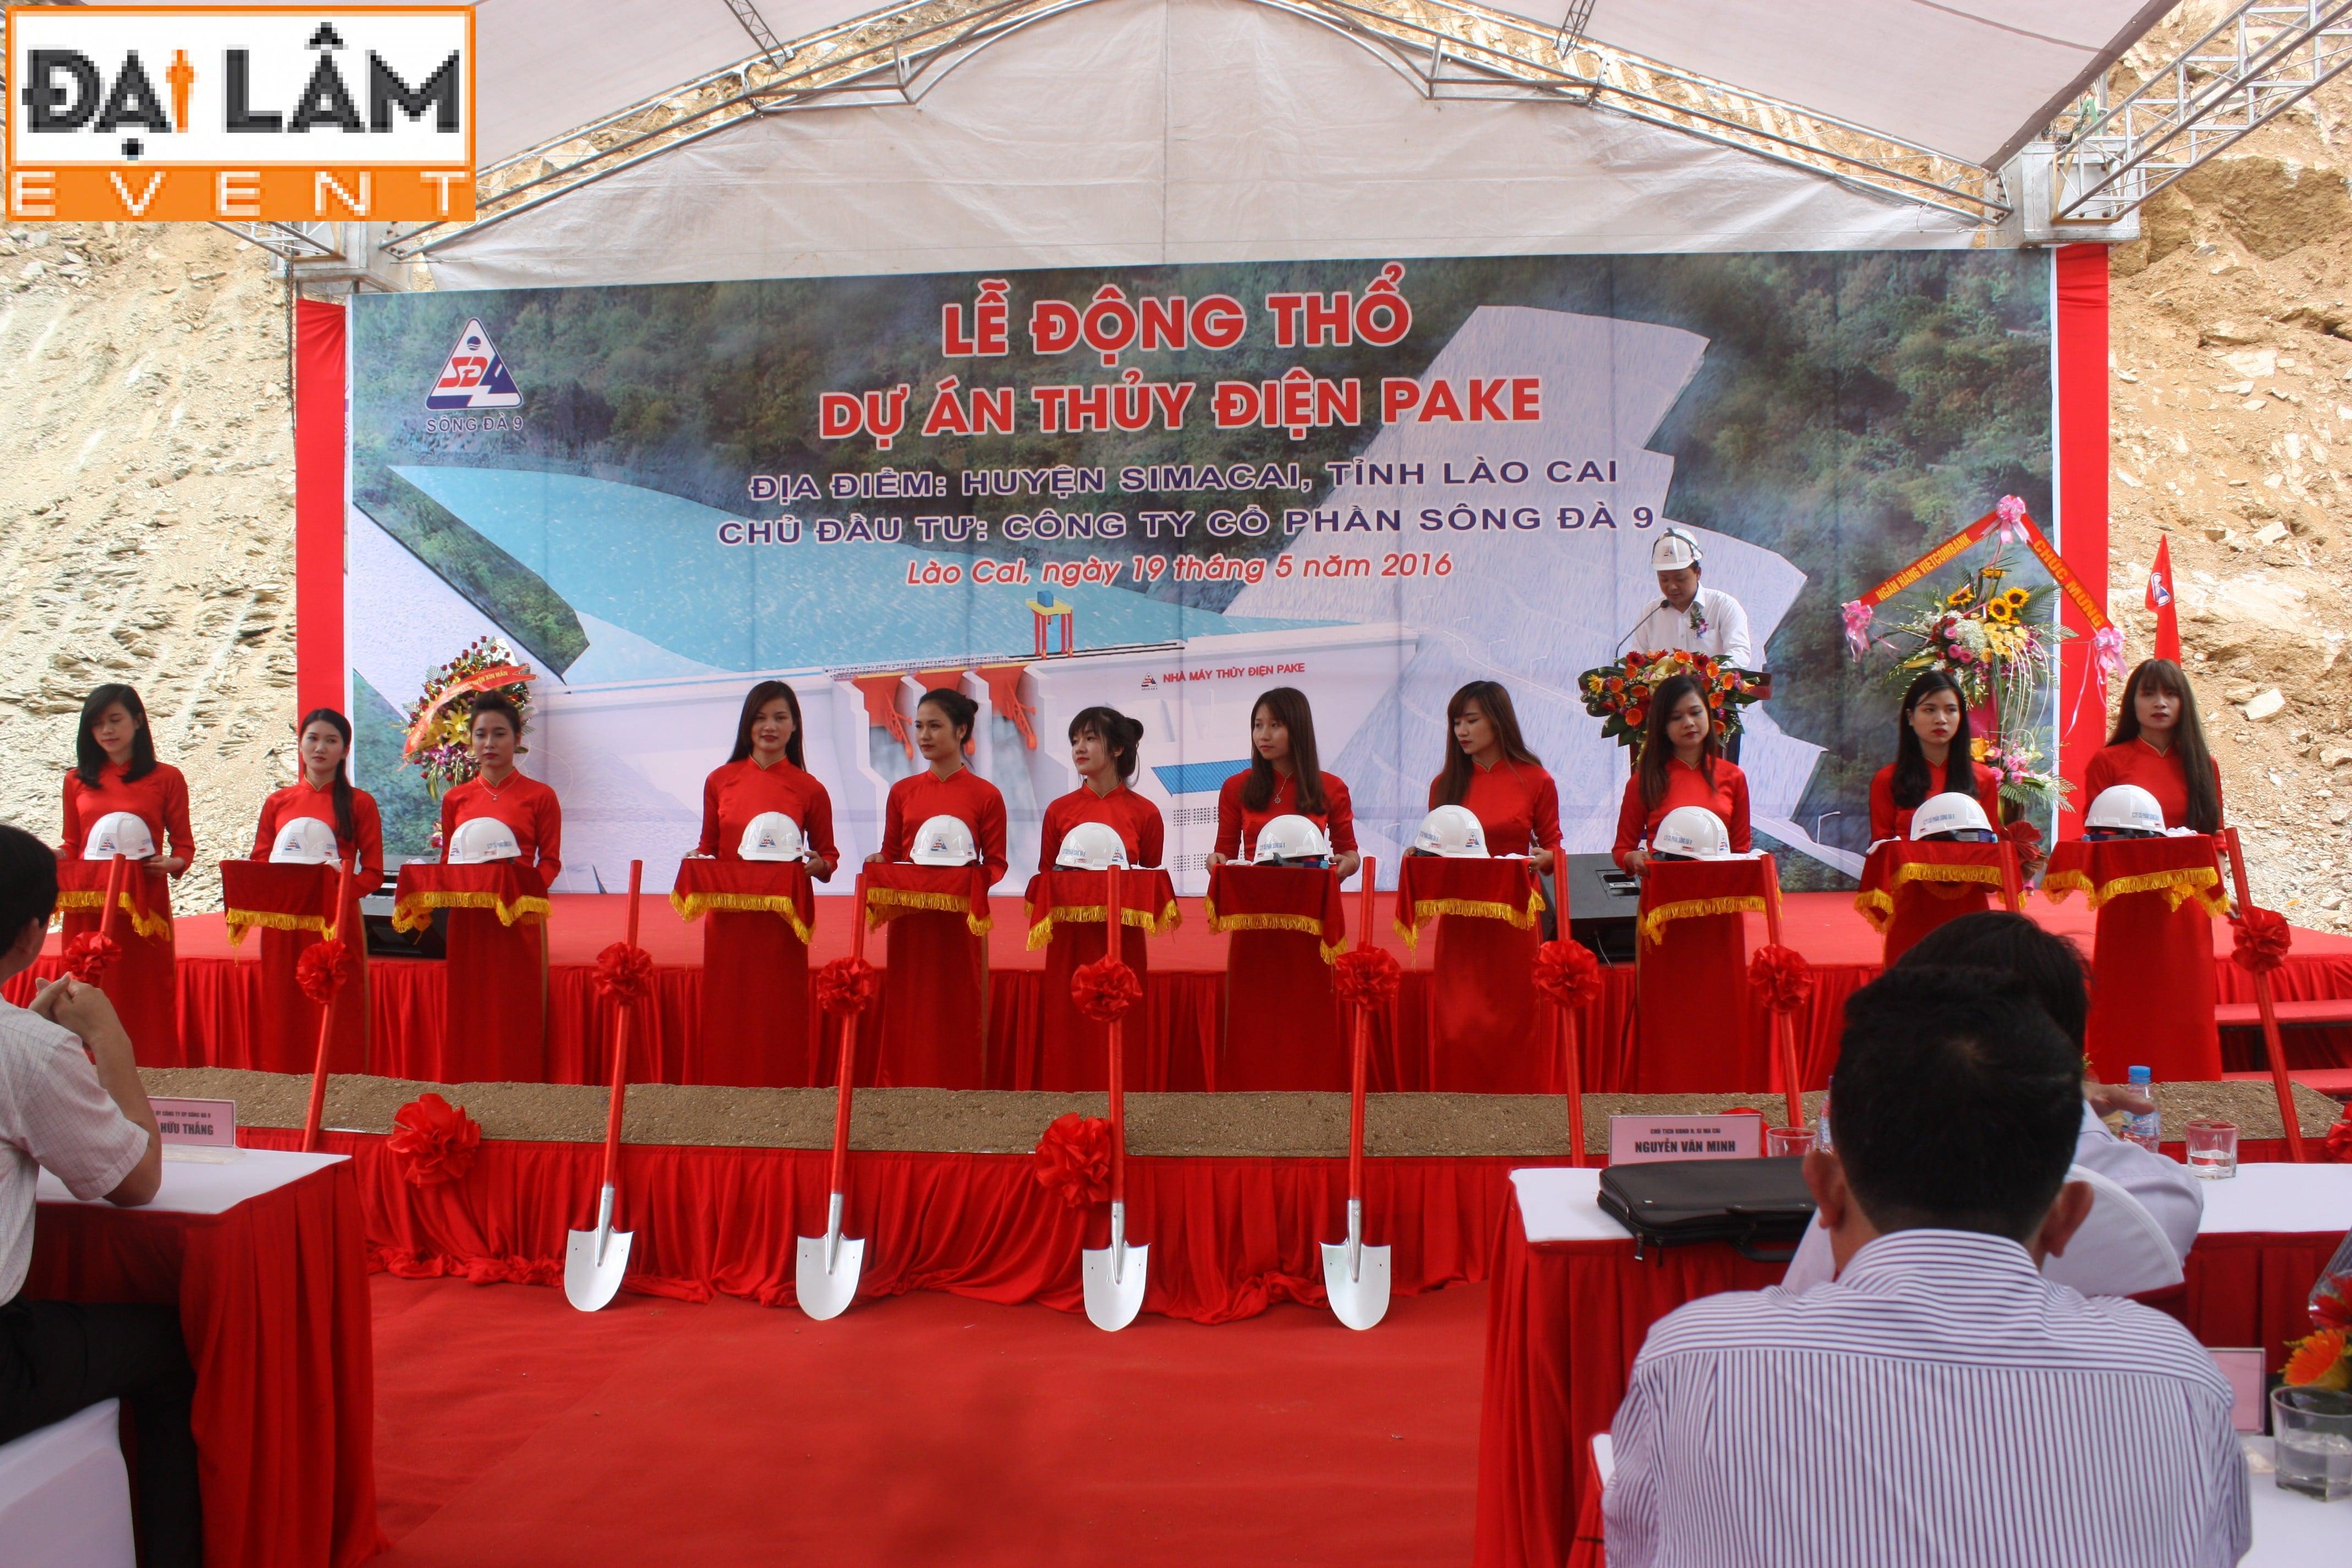 Lễ động thổ dự án thủy điện Pake